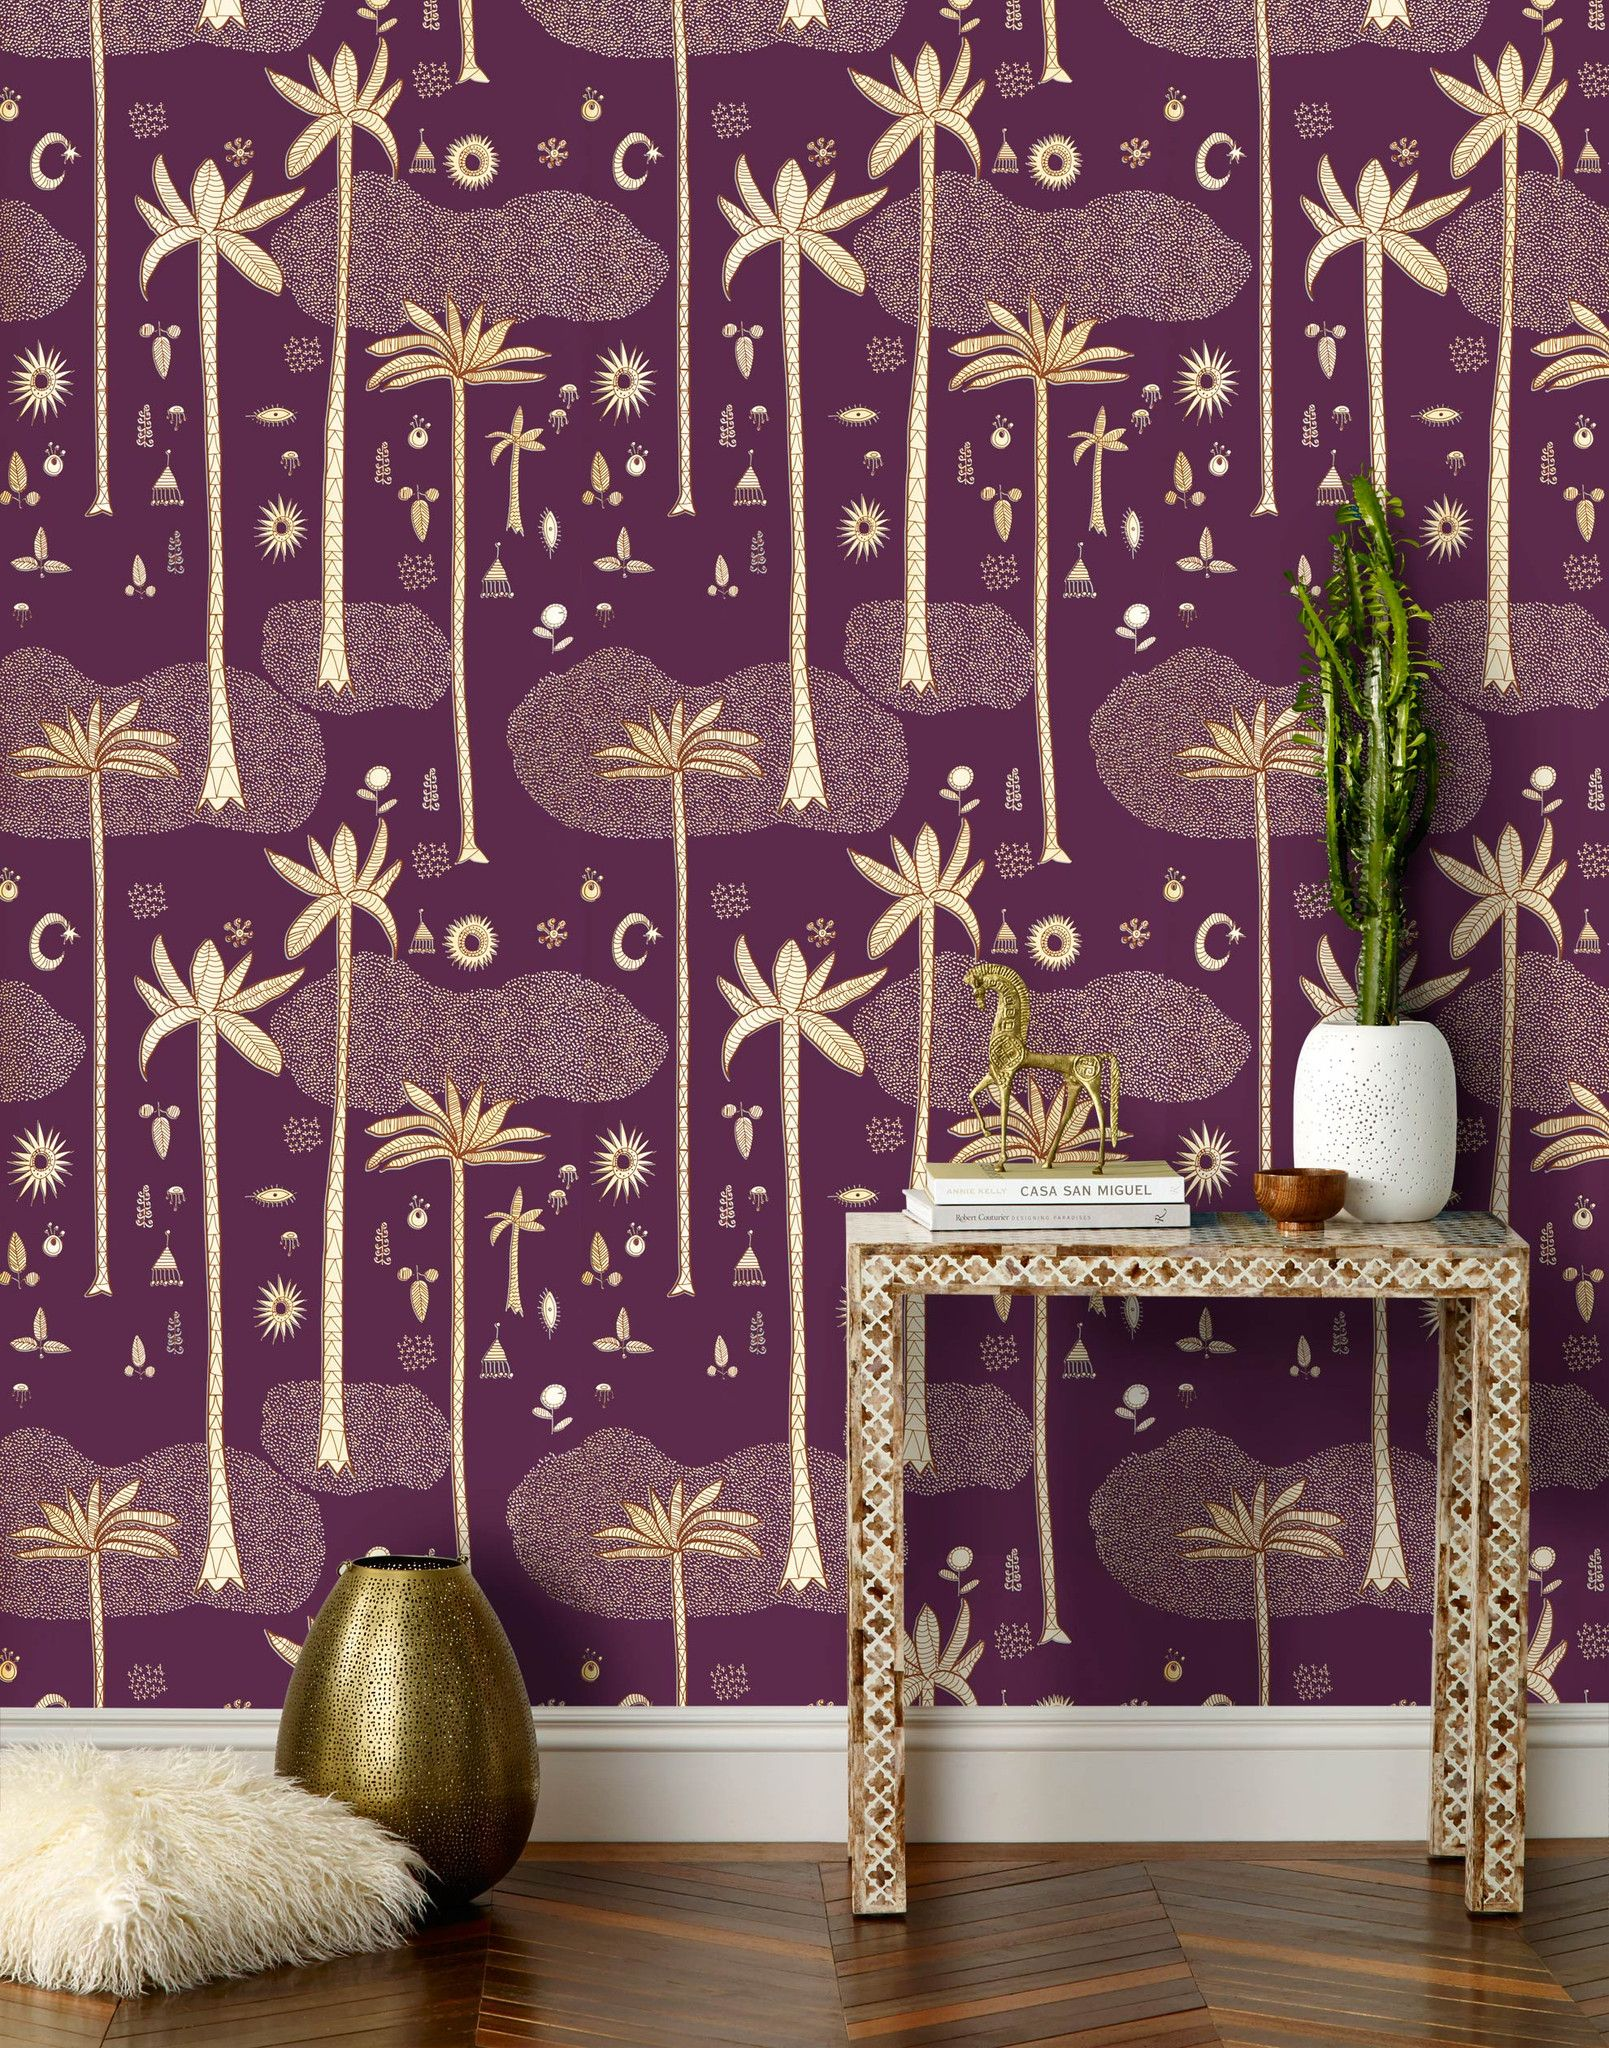 cosmic desert (aubergine) || cosmic desert wallpaper is inspired